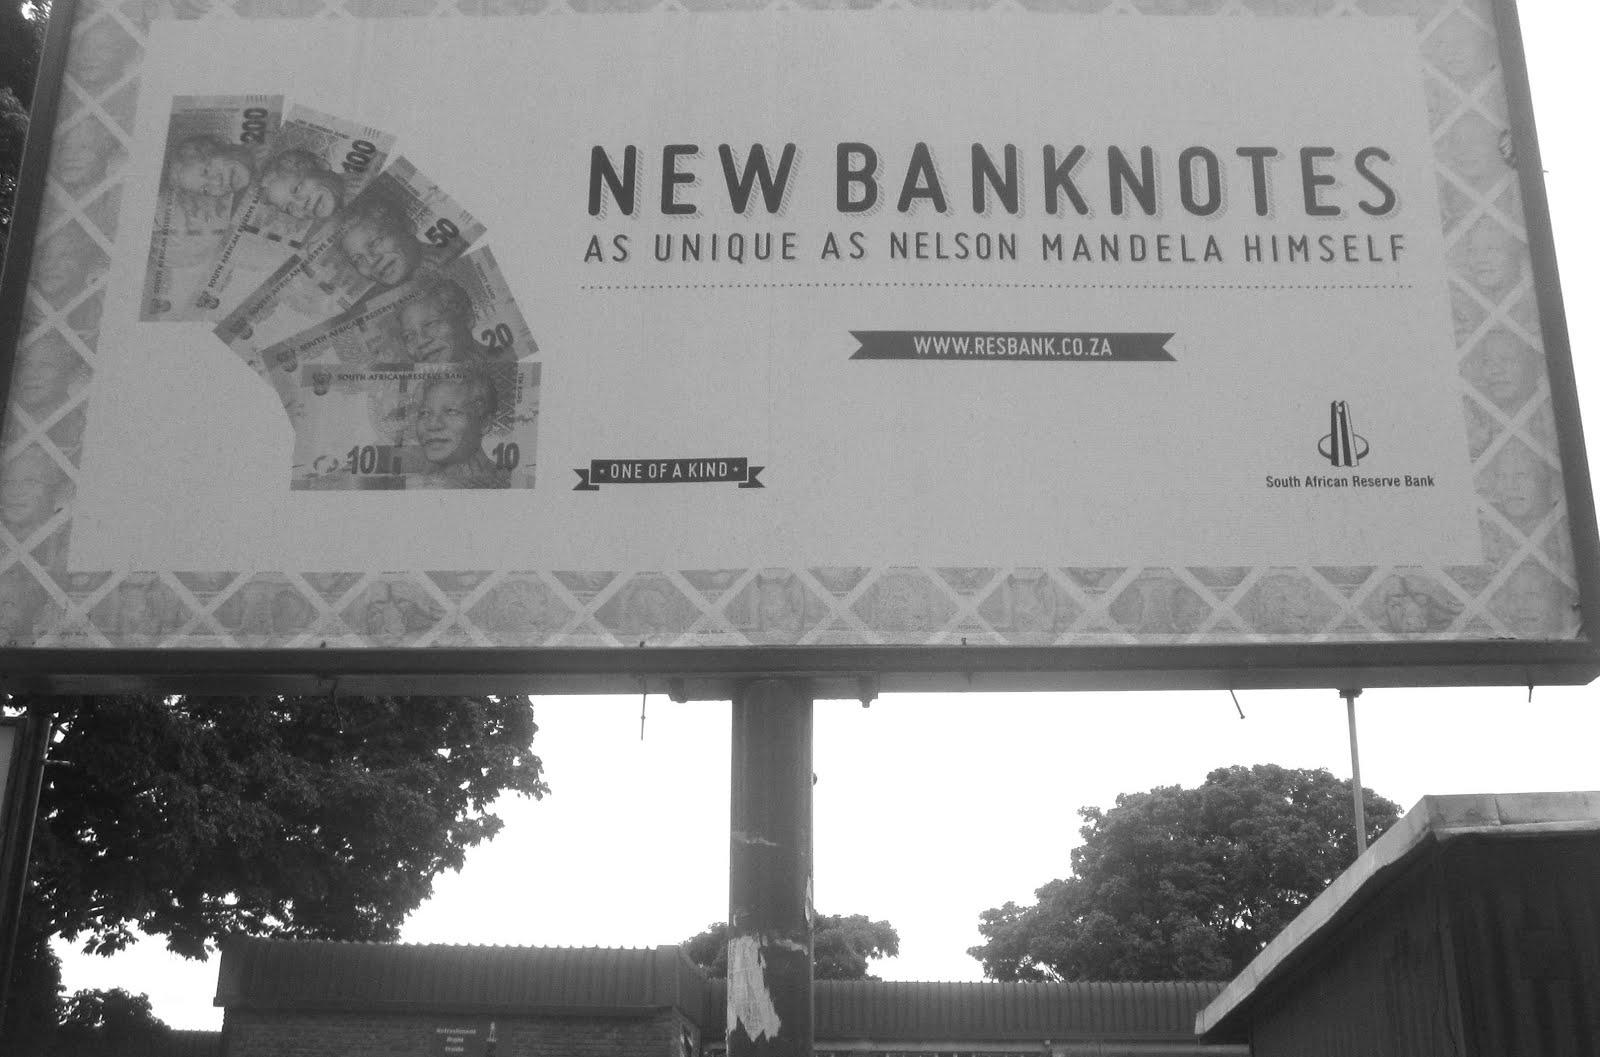 Mandela banknotes